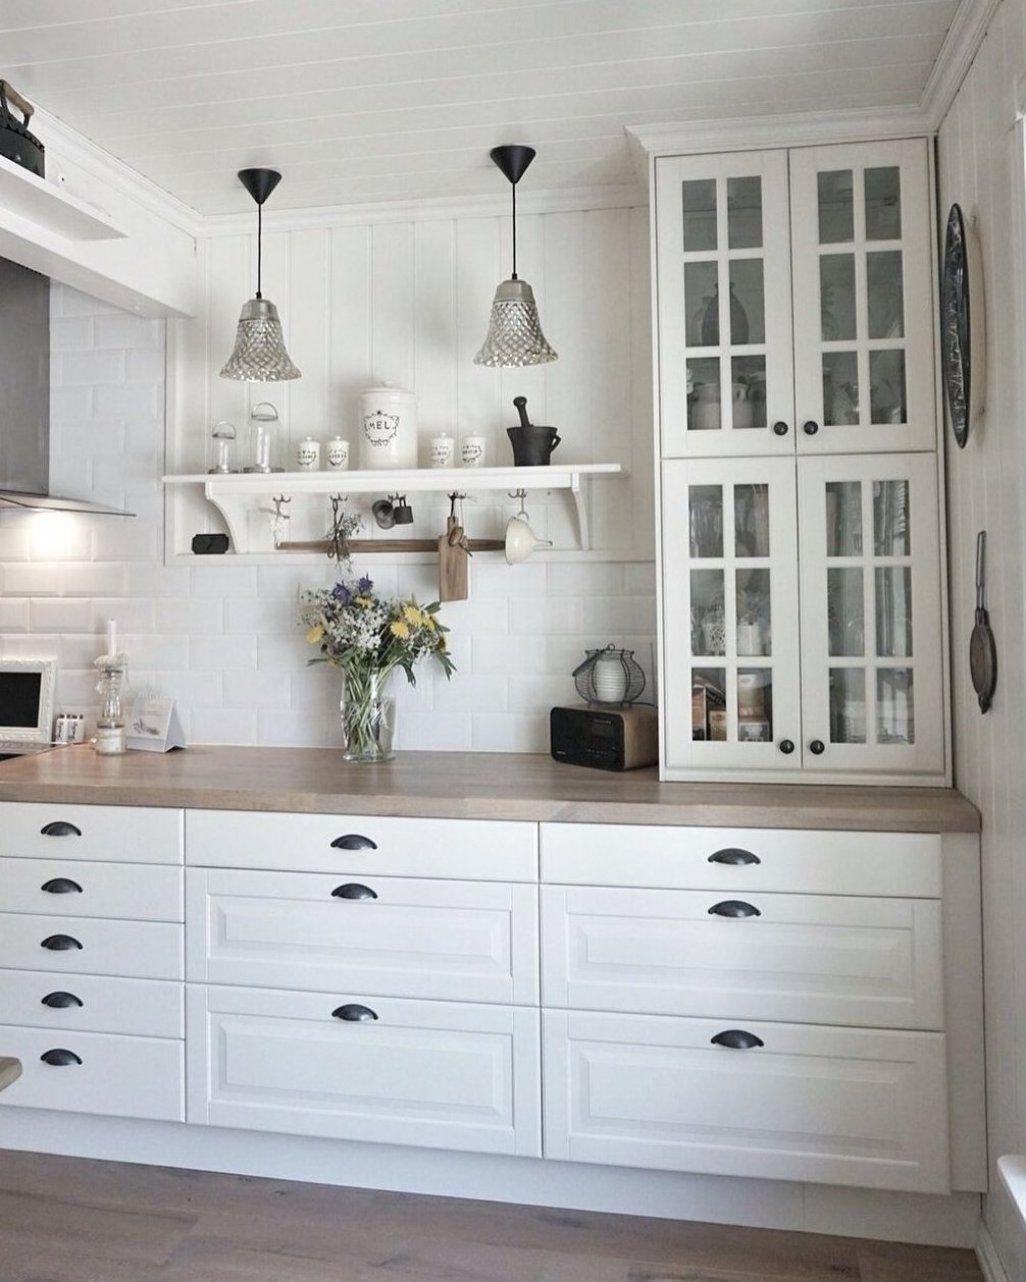 K Che Landhausstil Wei Ikea Unique Die Besten 25 Ikea K Che Landhaus Ideen Auf Pinterest Entryway In 2020 Ikea Kitchen Design Kitchen Cabinet Design Home Kitchens